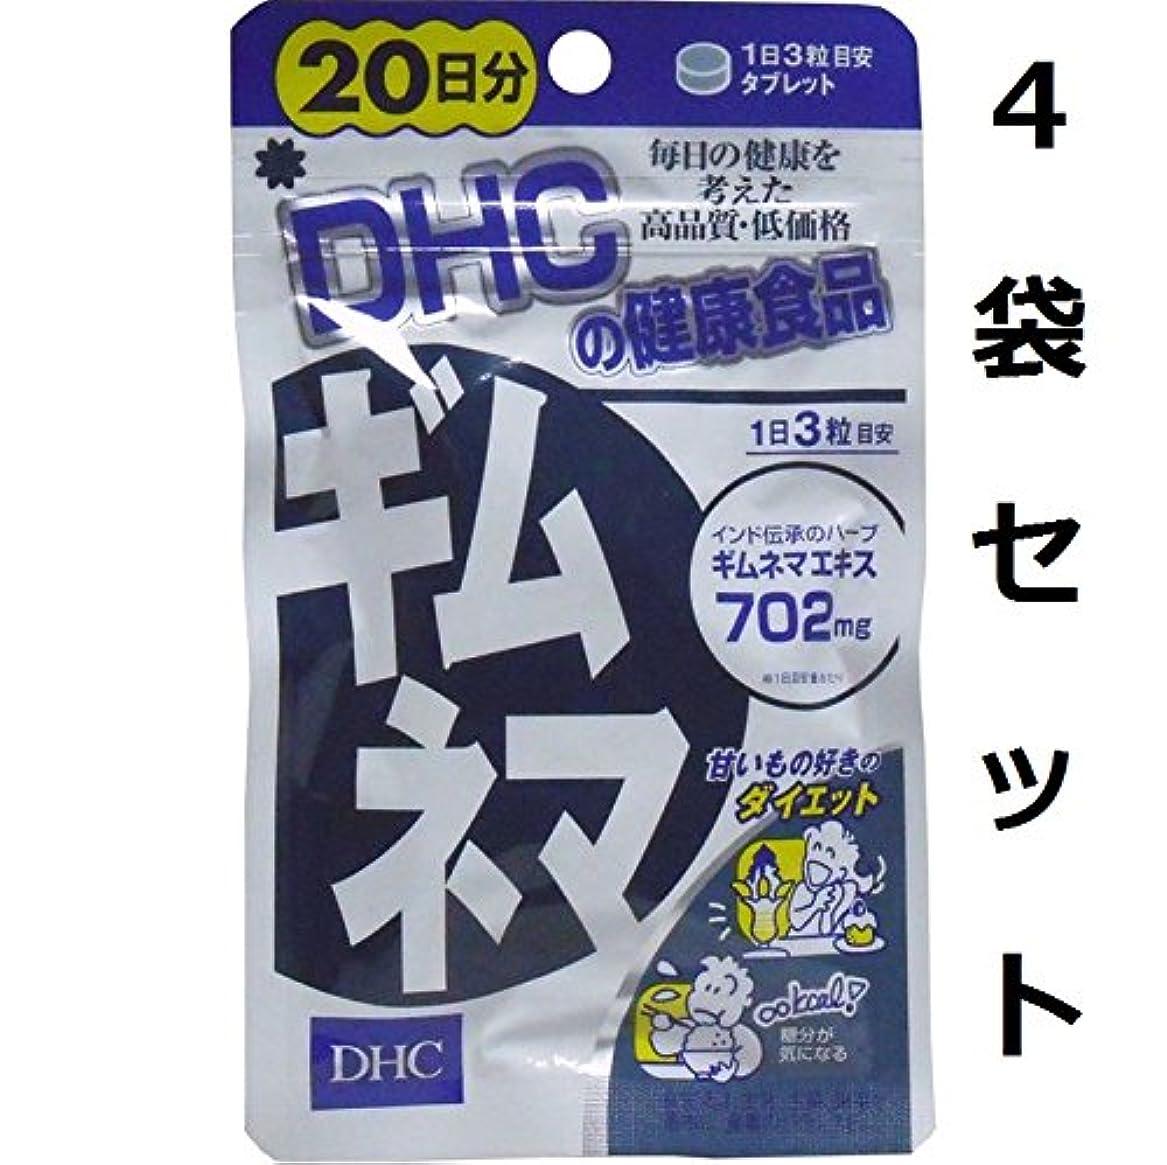 覗くあごひげ織る大好きな「甘いもの」をムダ肉にしない DHC ギムネマ 20日分 60粒 4袋セット